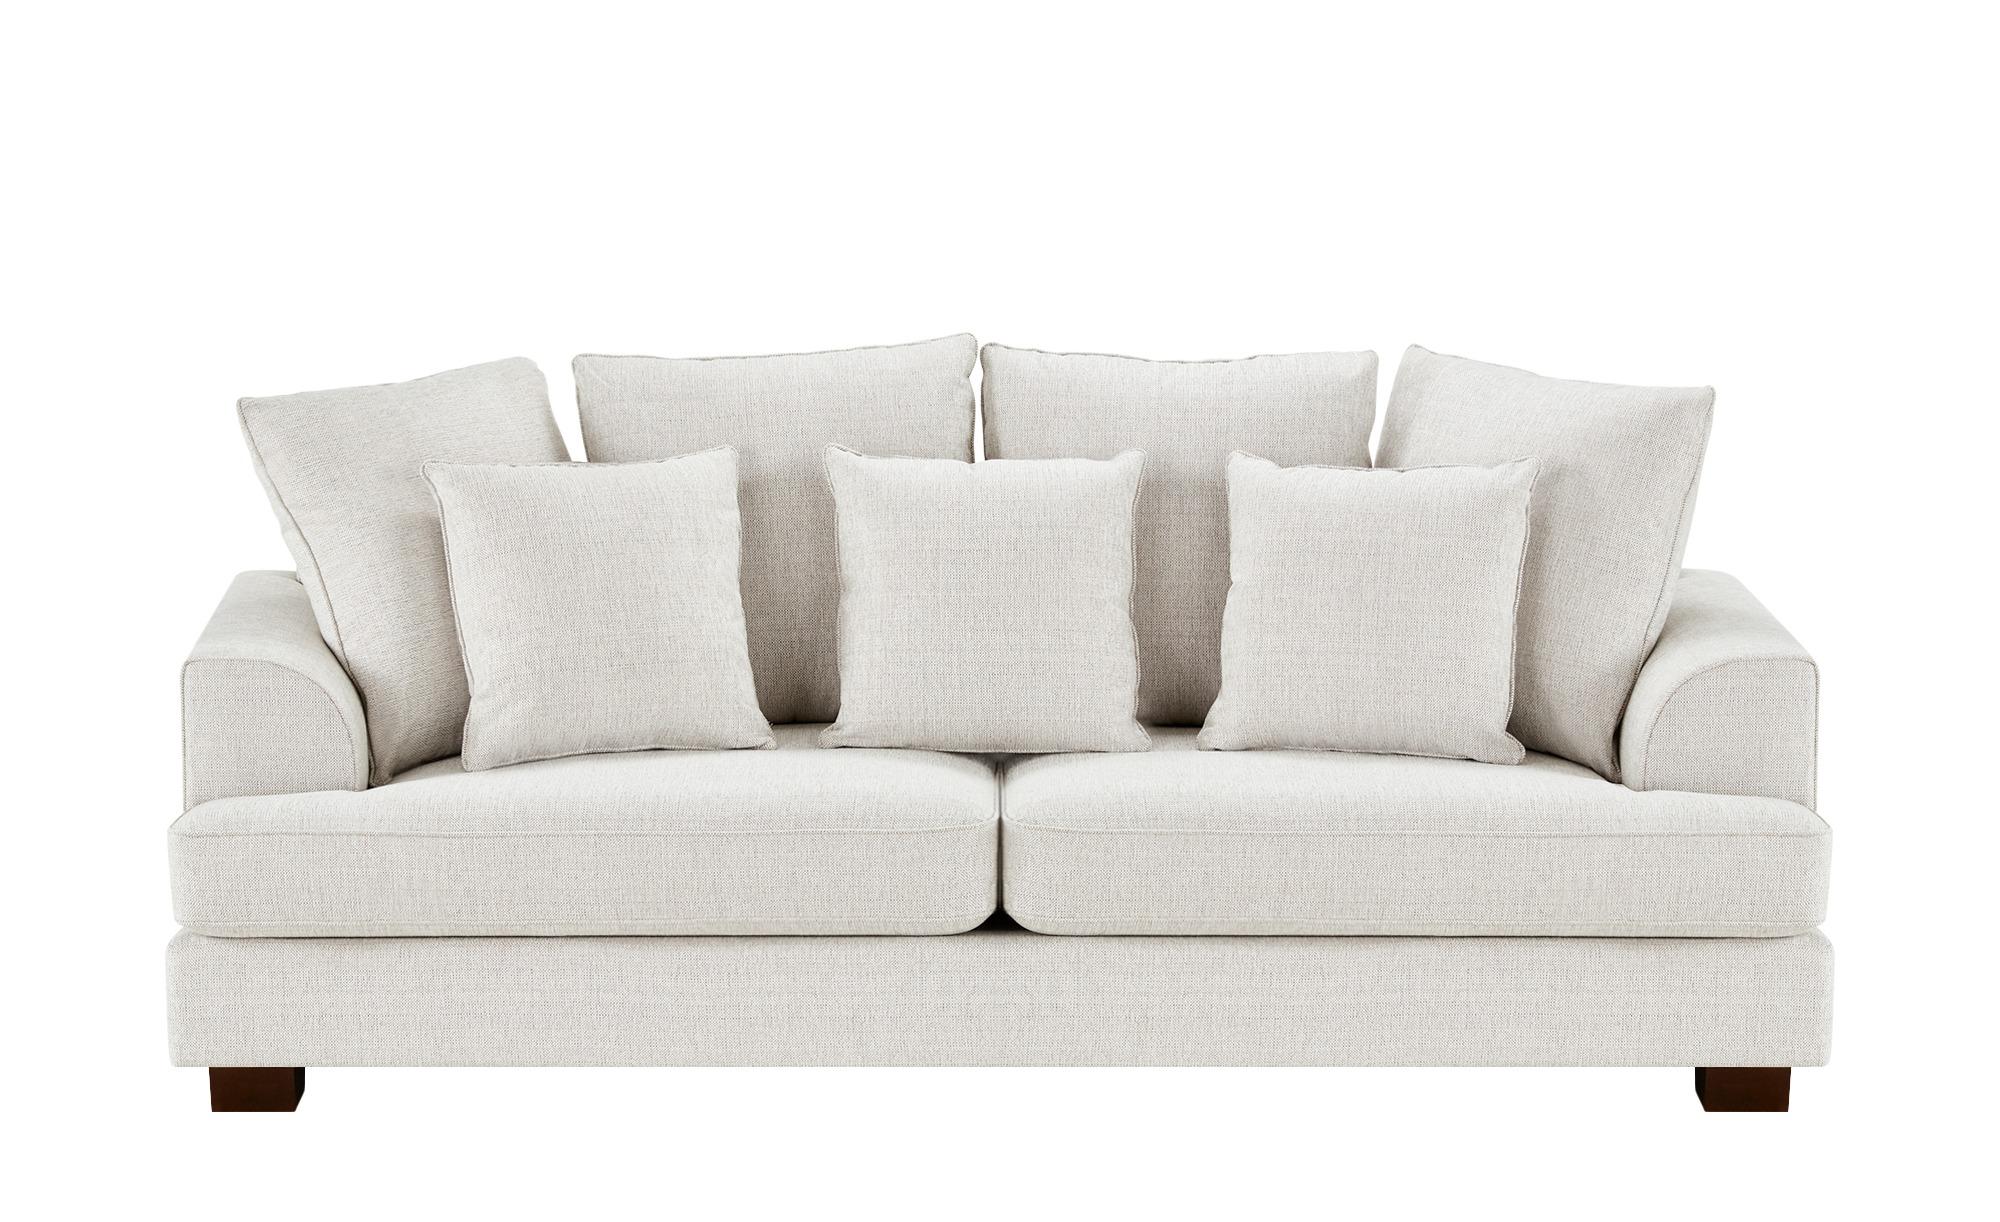 schlafsofa 150 cm breit kaufen sofa breit schlafsofa frontauszug hausumbau von schlafsofa. Black Bedroom Furniture Sets. Home Design Ideas